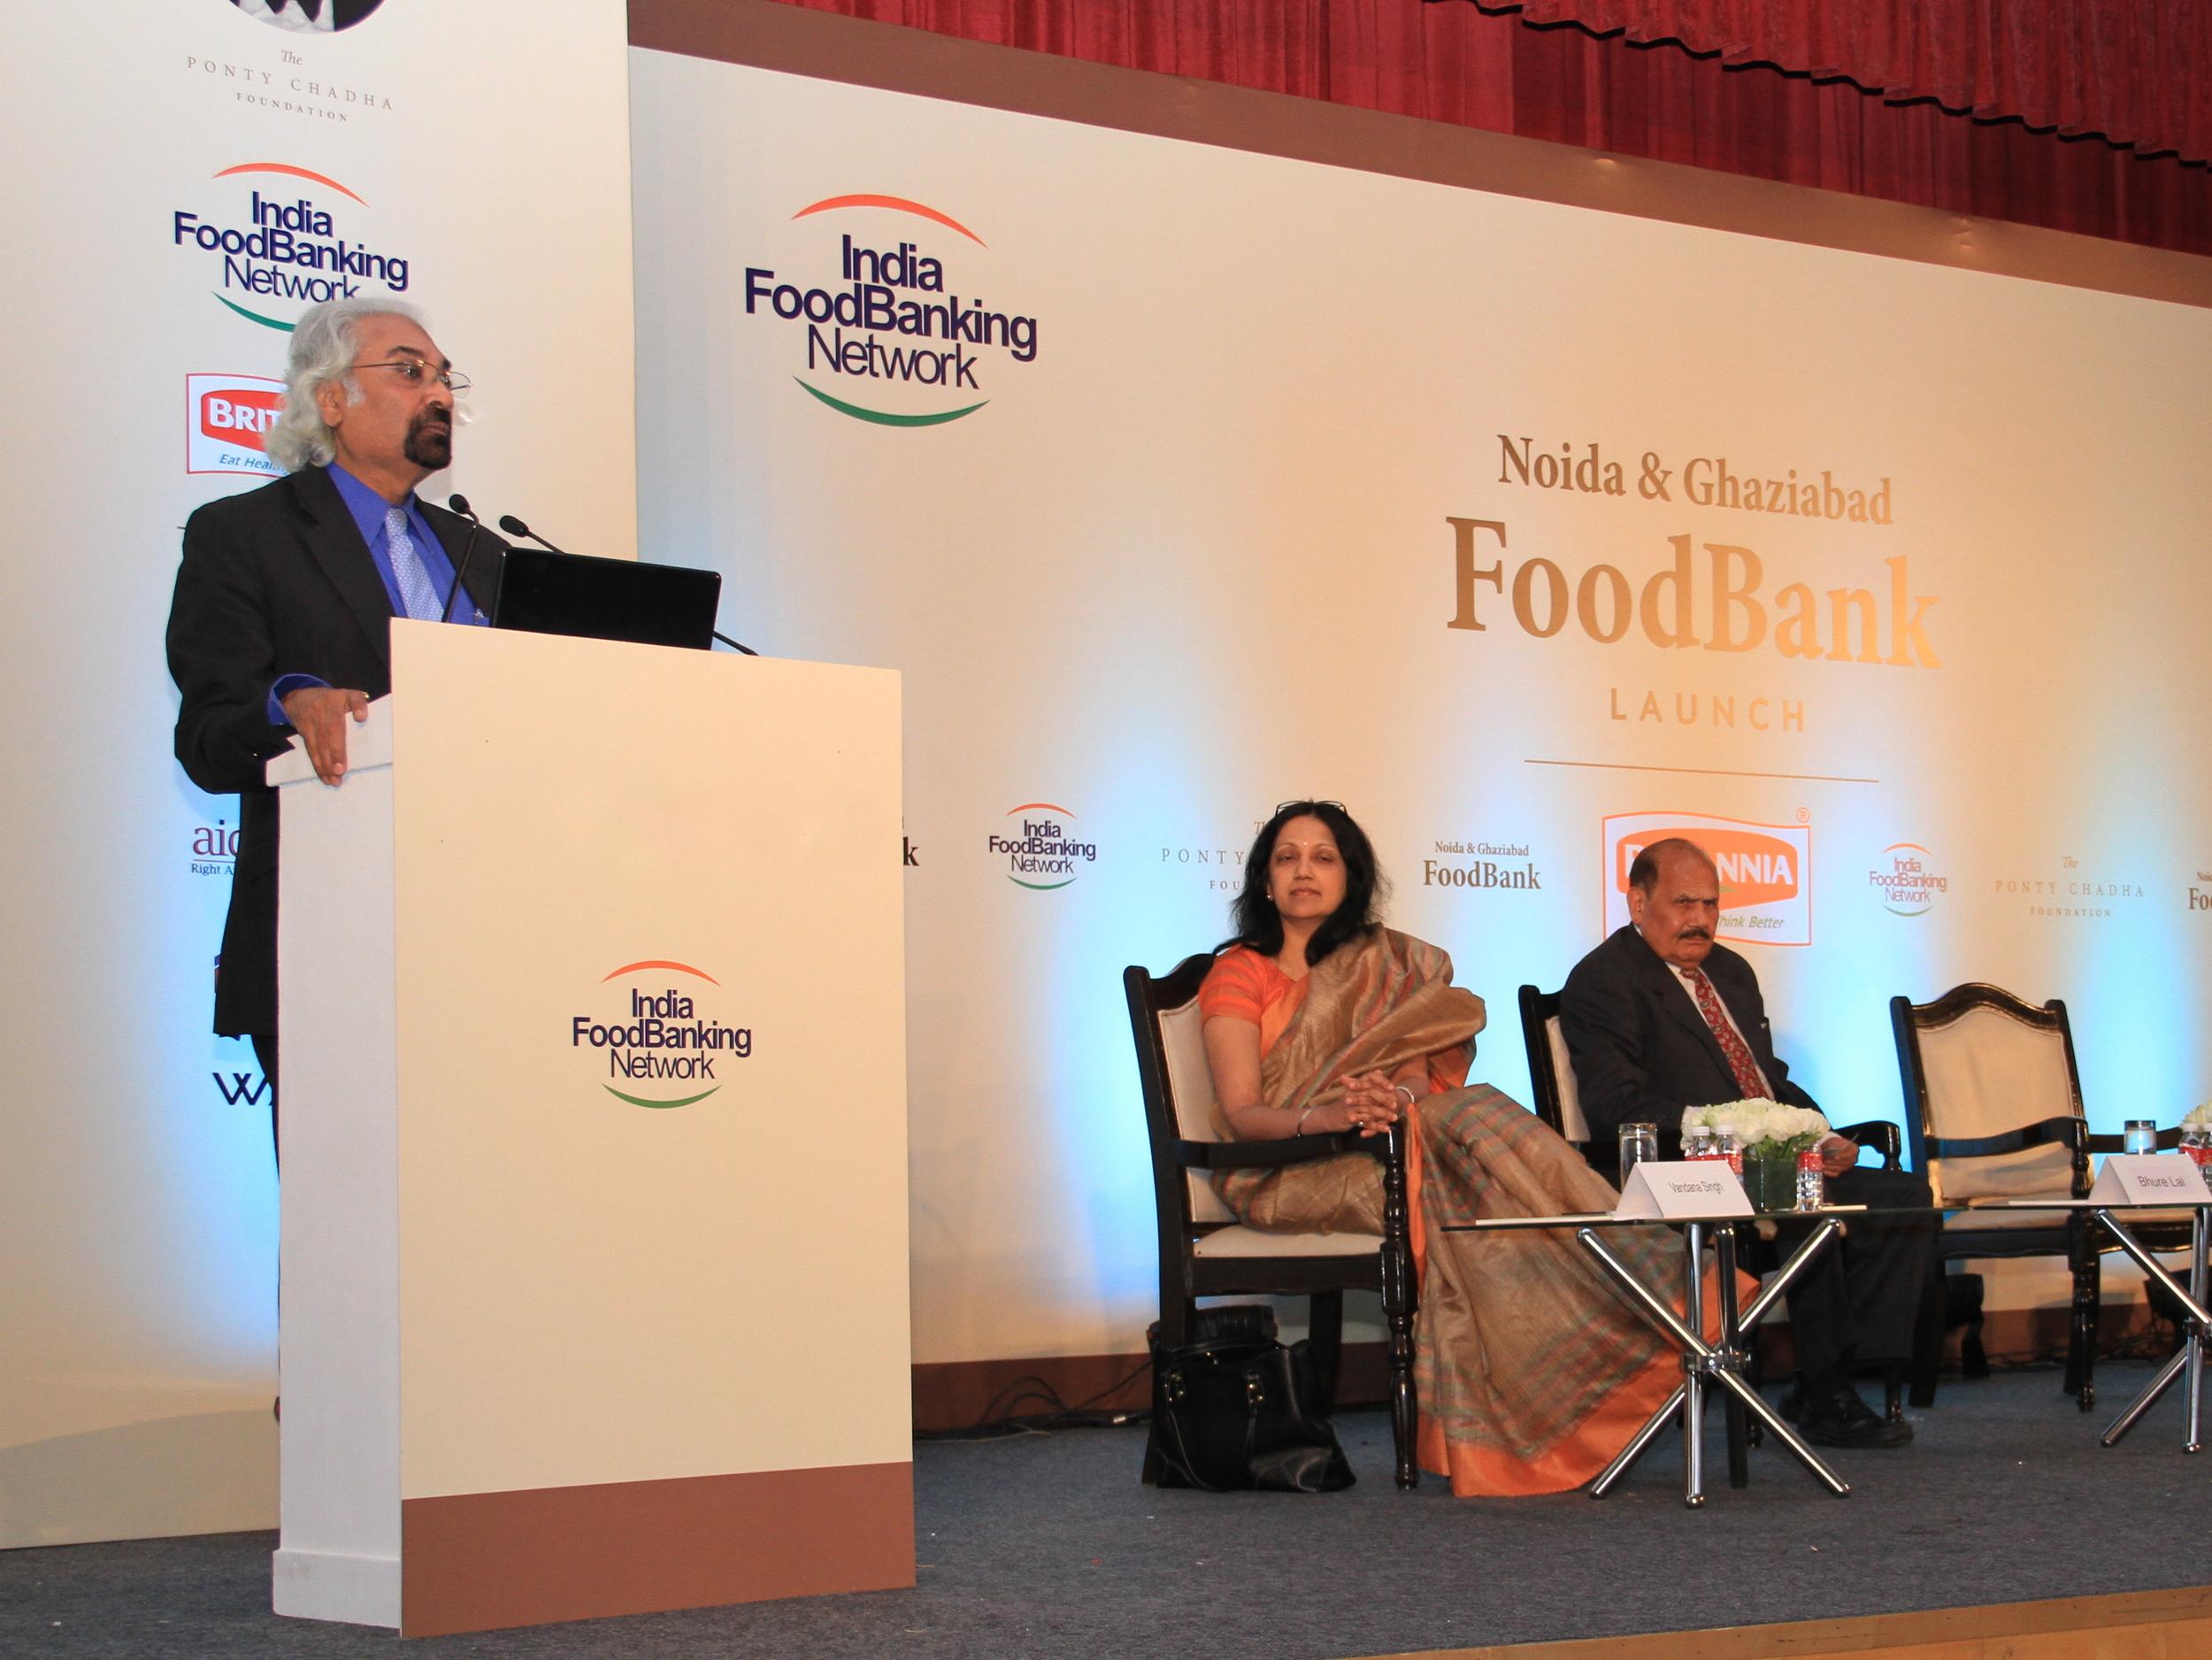 Noida & Ghaziabad FoodBank Launch.jpg